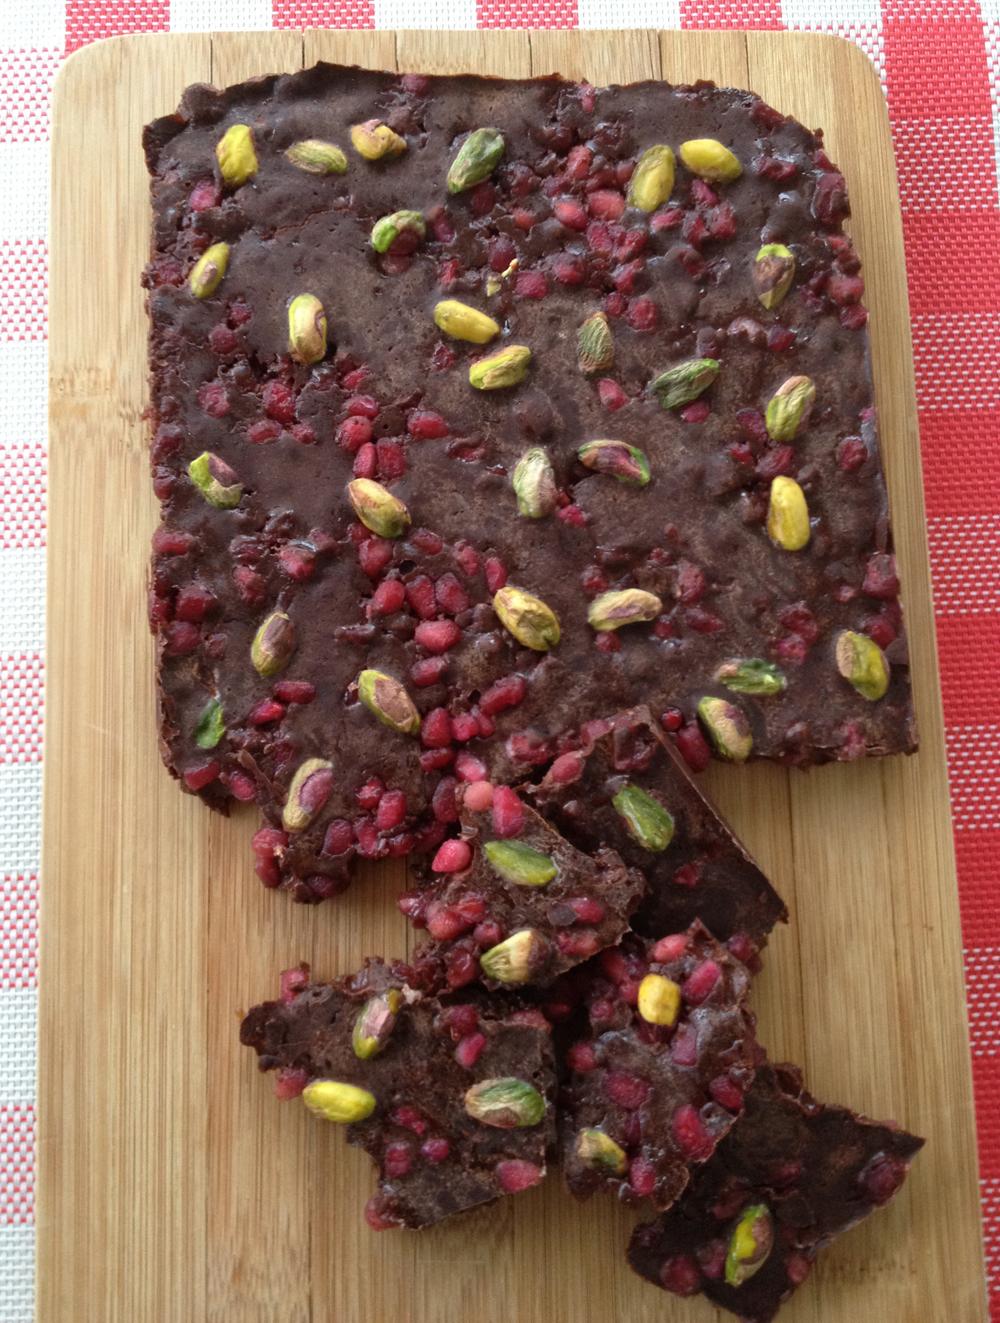 Raw chocolade met granaatappelpitjes